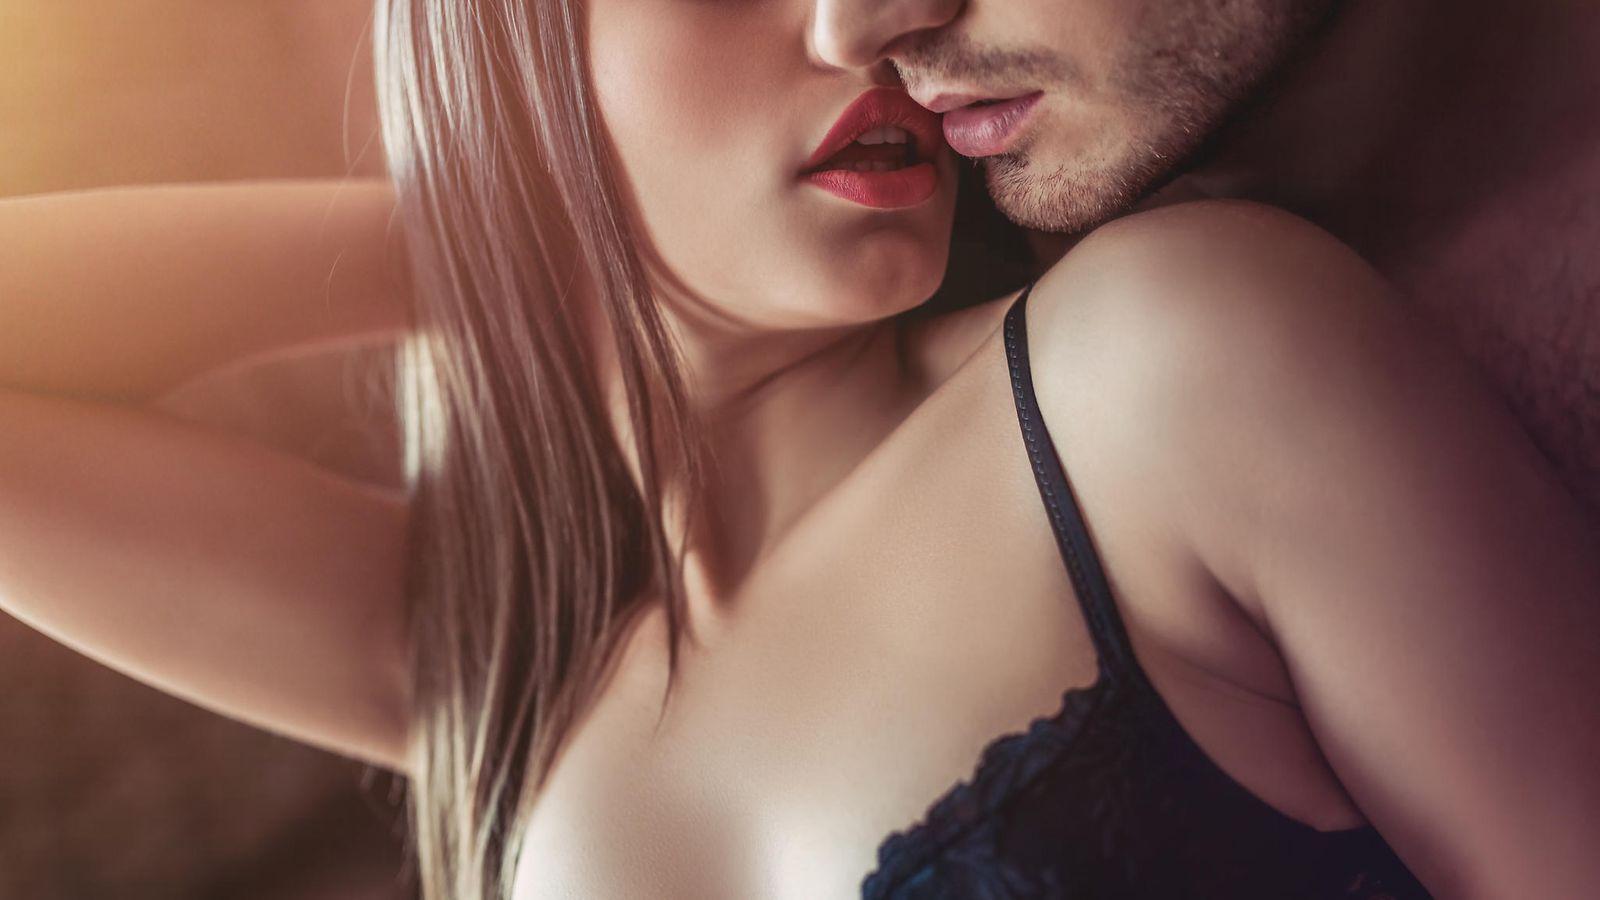 ilmainen seksi elokuva seksiä fi